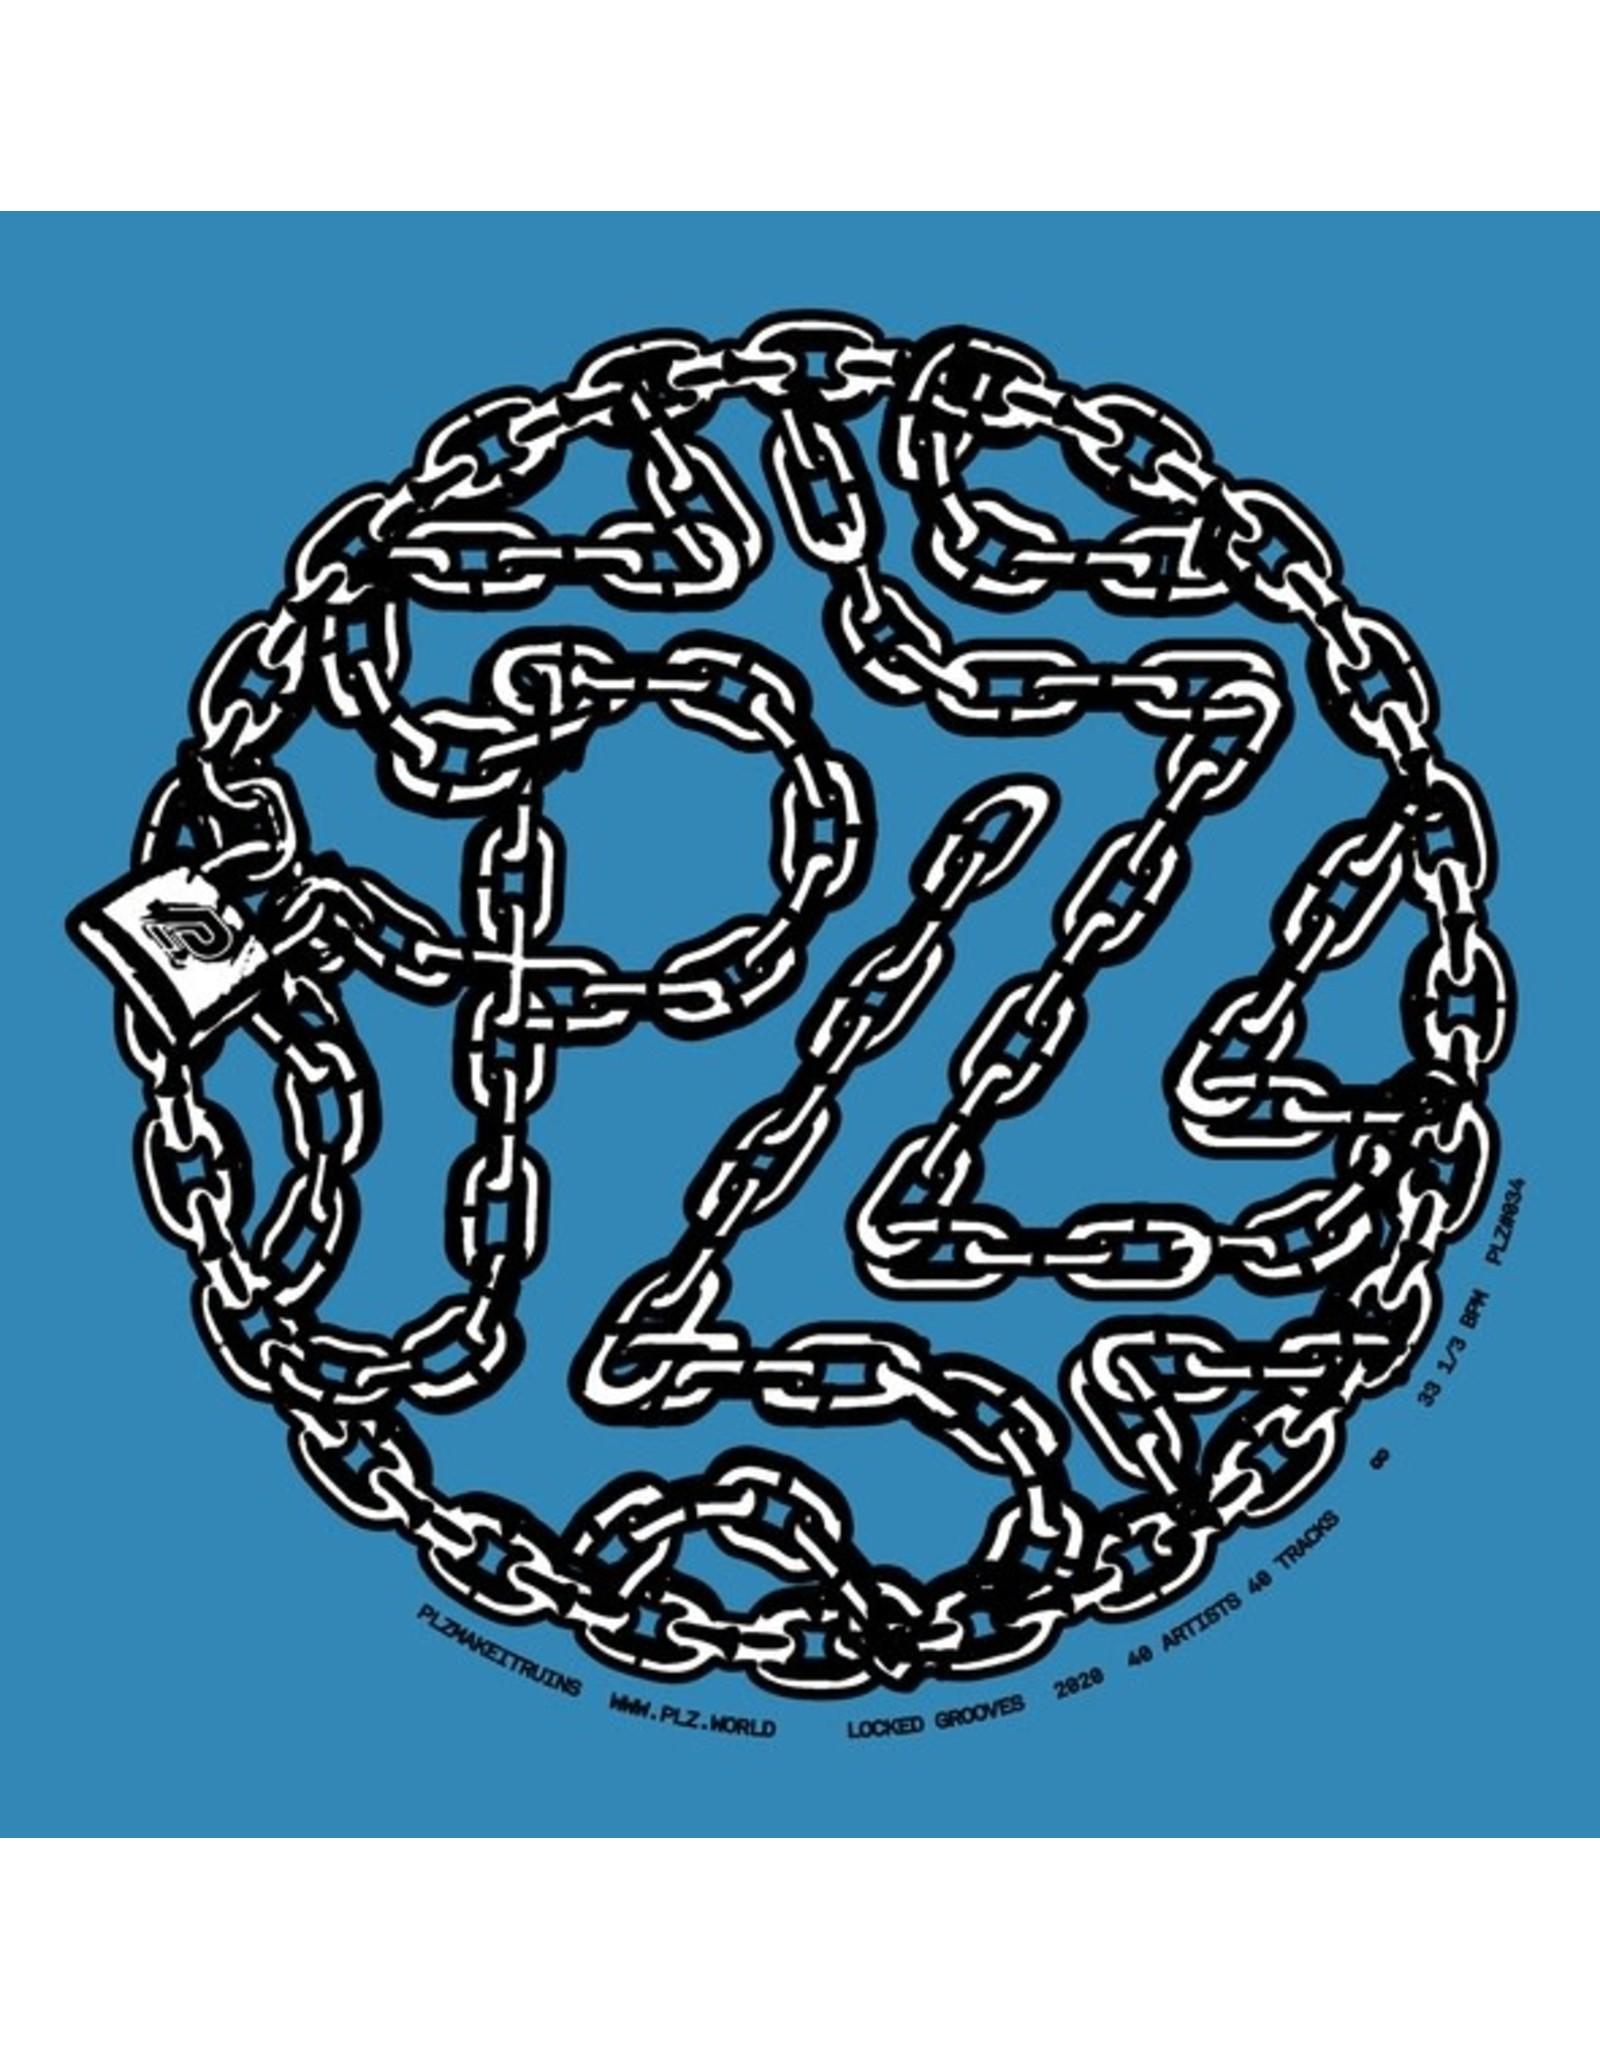 New Vinyl Various - PLZ Make It Ruins: Locked Grooves LP